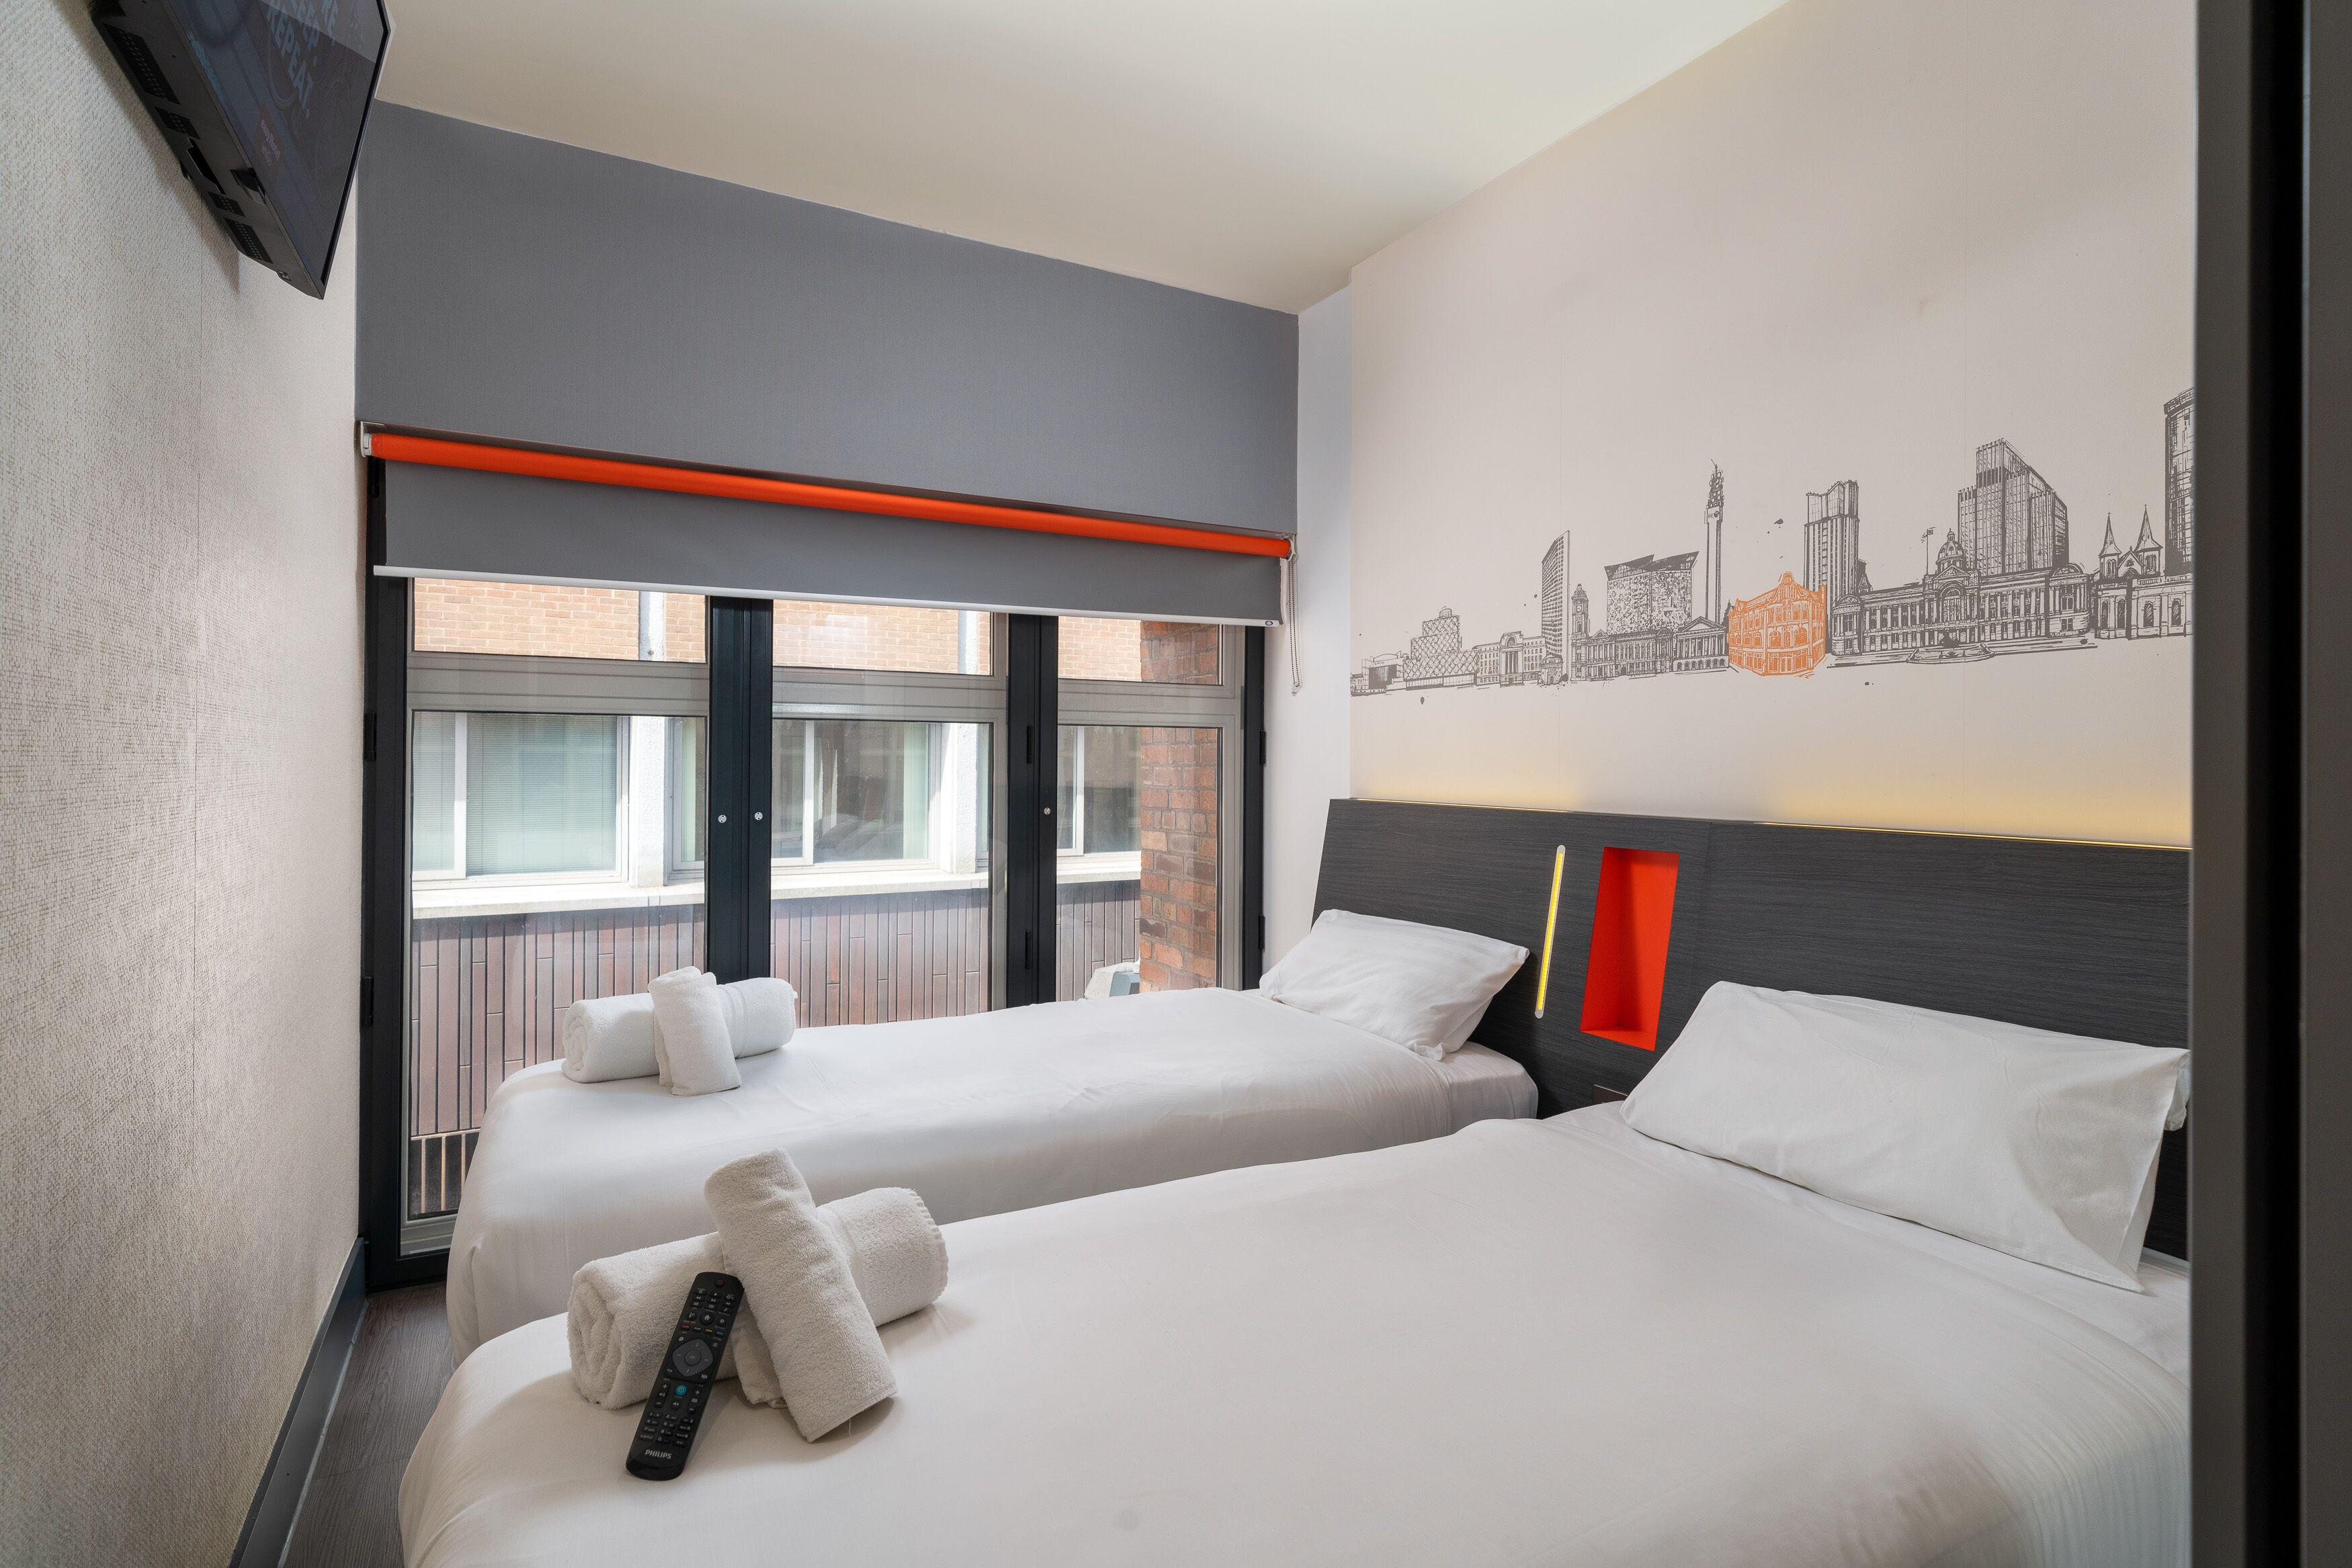 Easyhotel Birmingham